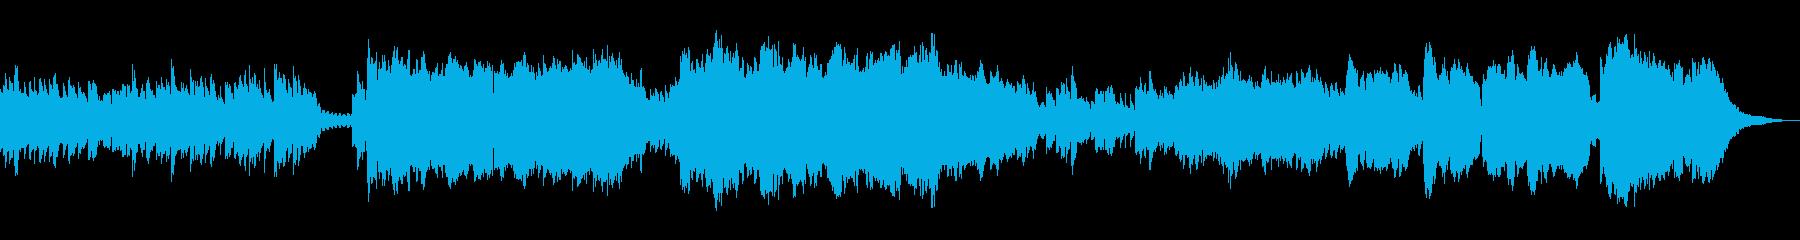 静かでノスタルジックな曲ですの再生済みの波形